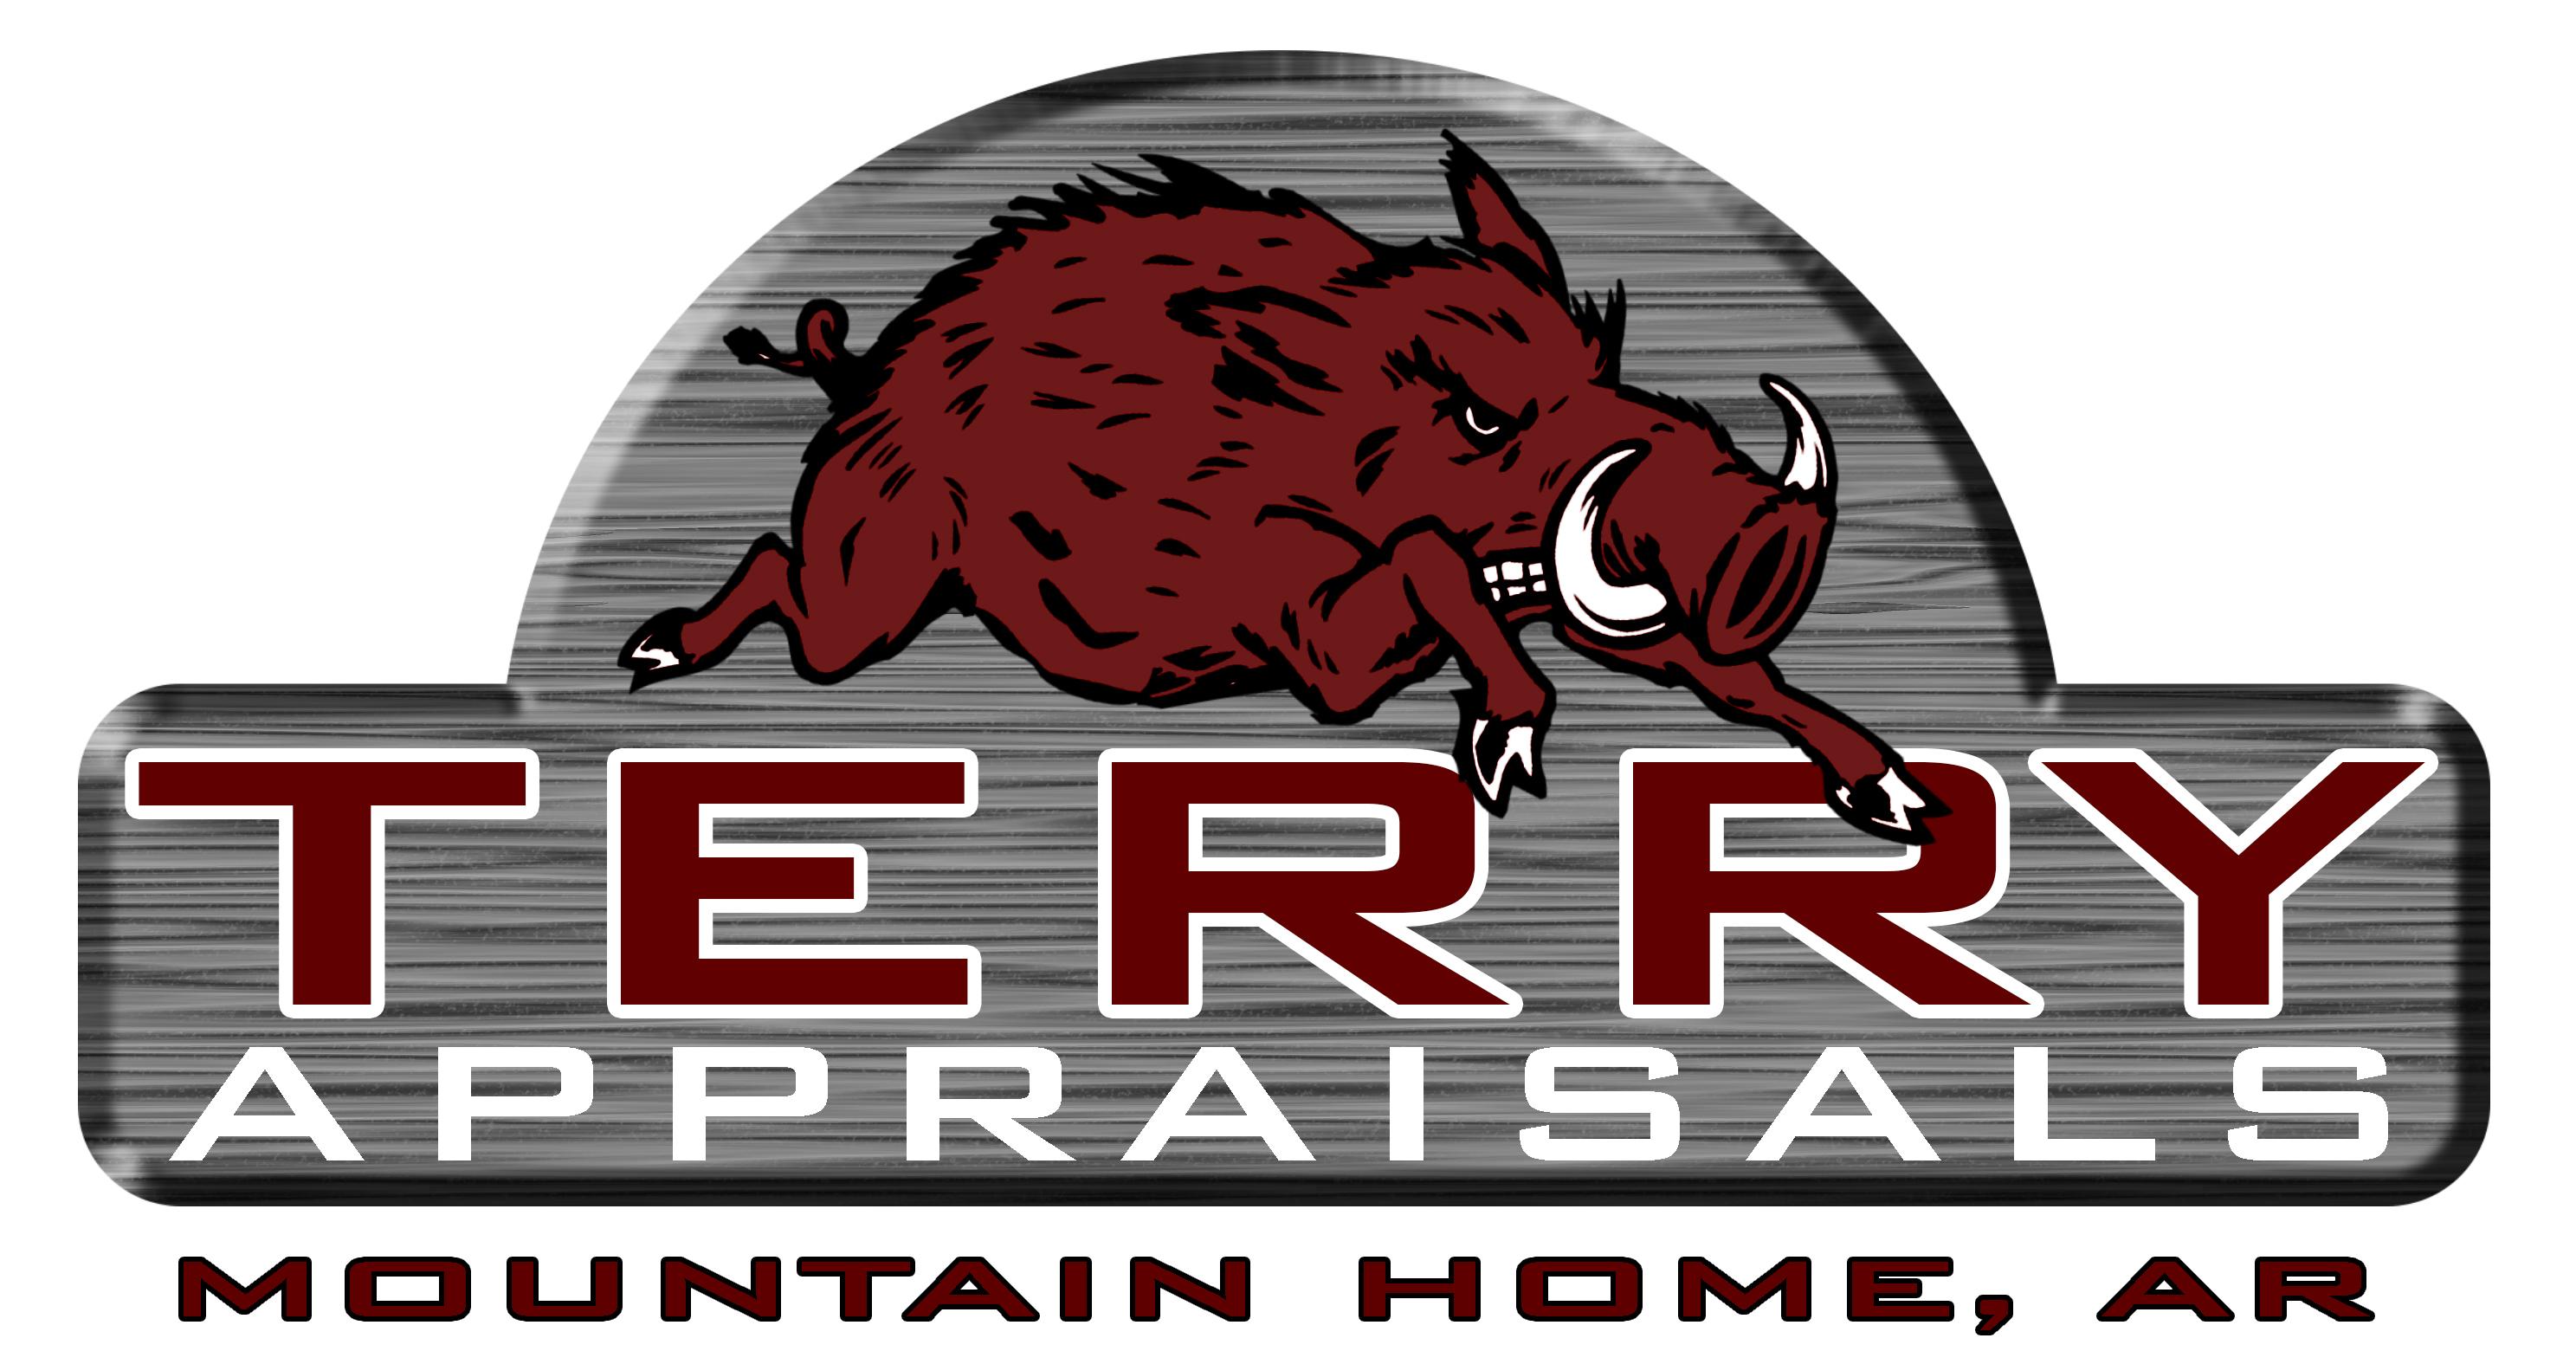 Terry Appraisals, LLC